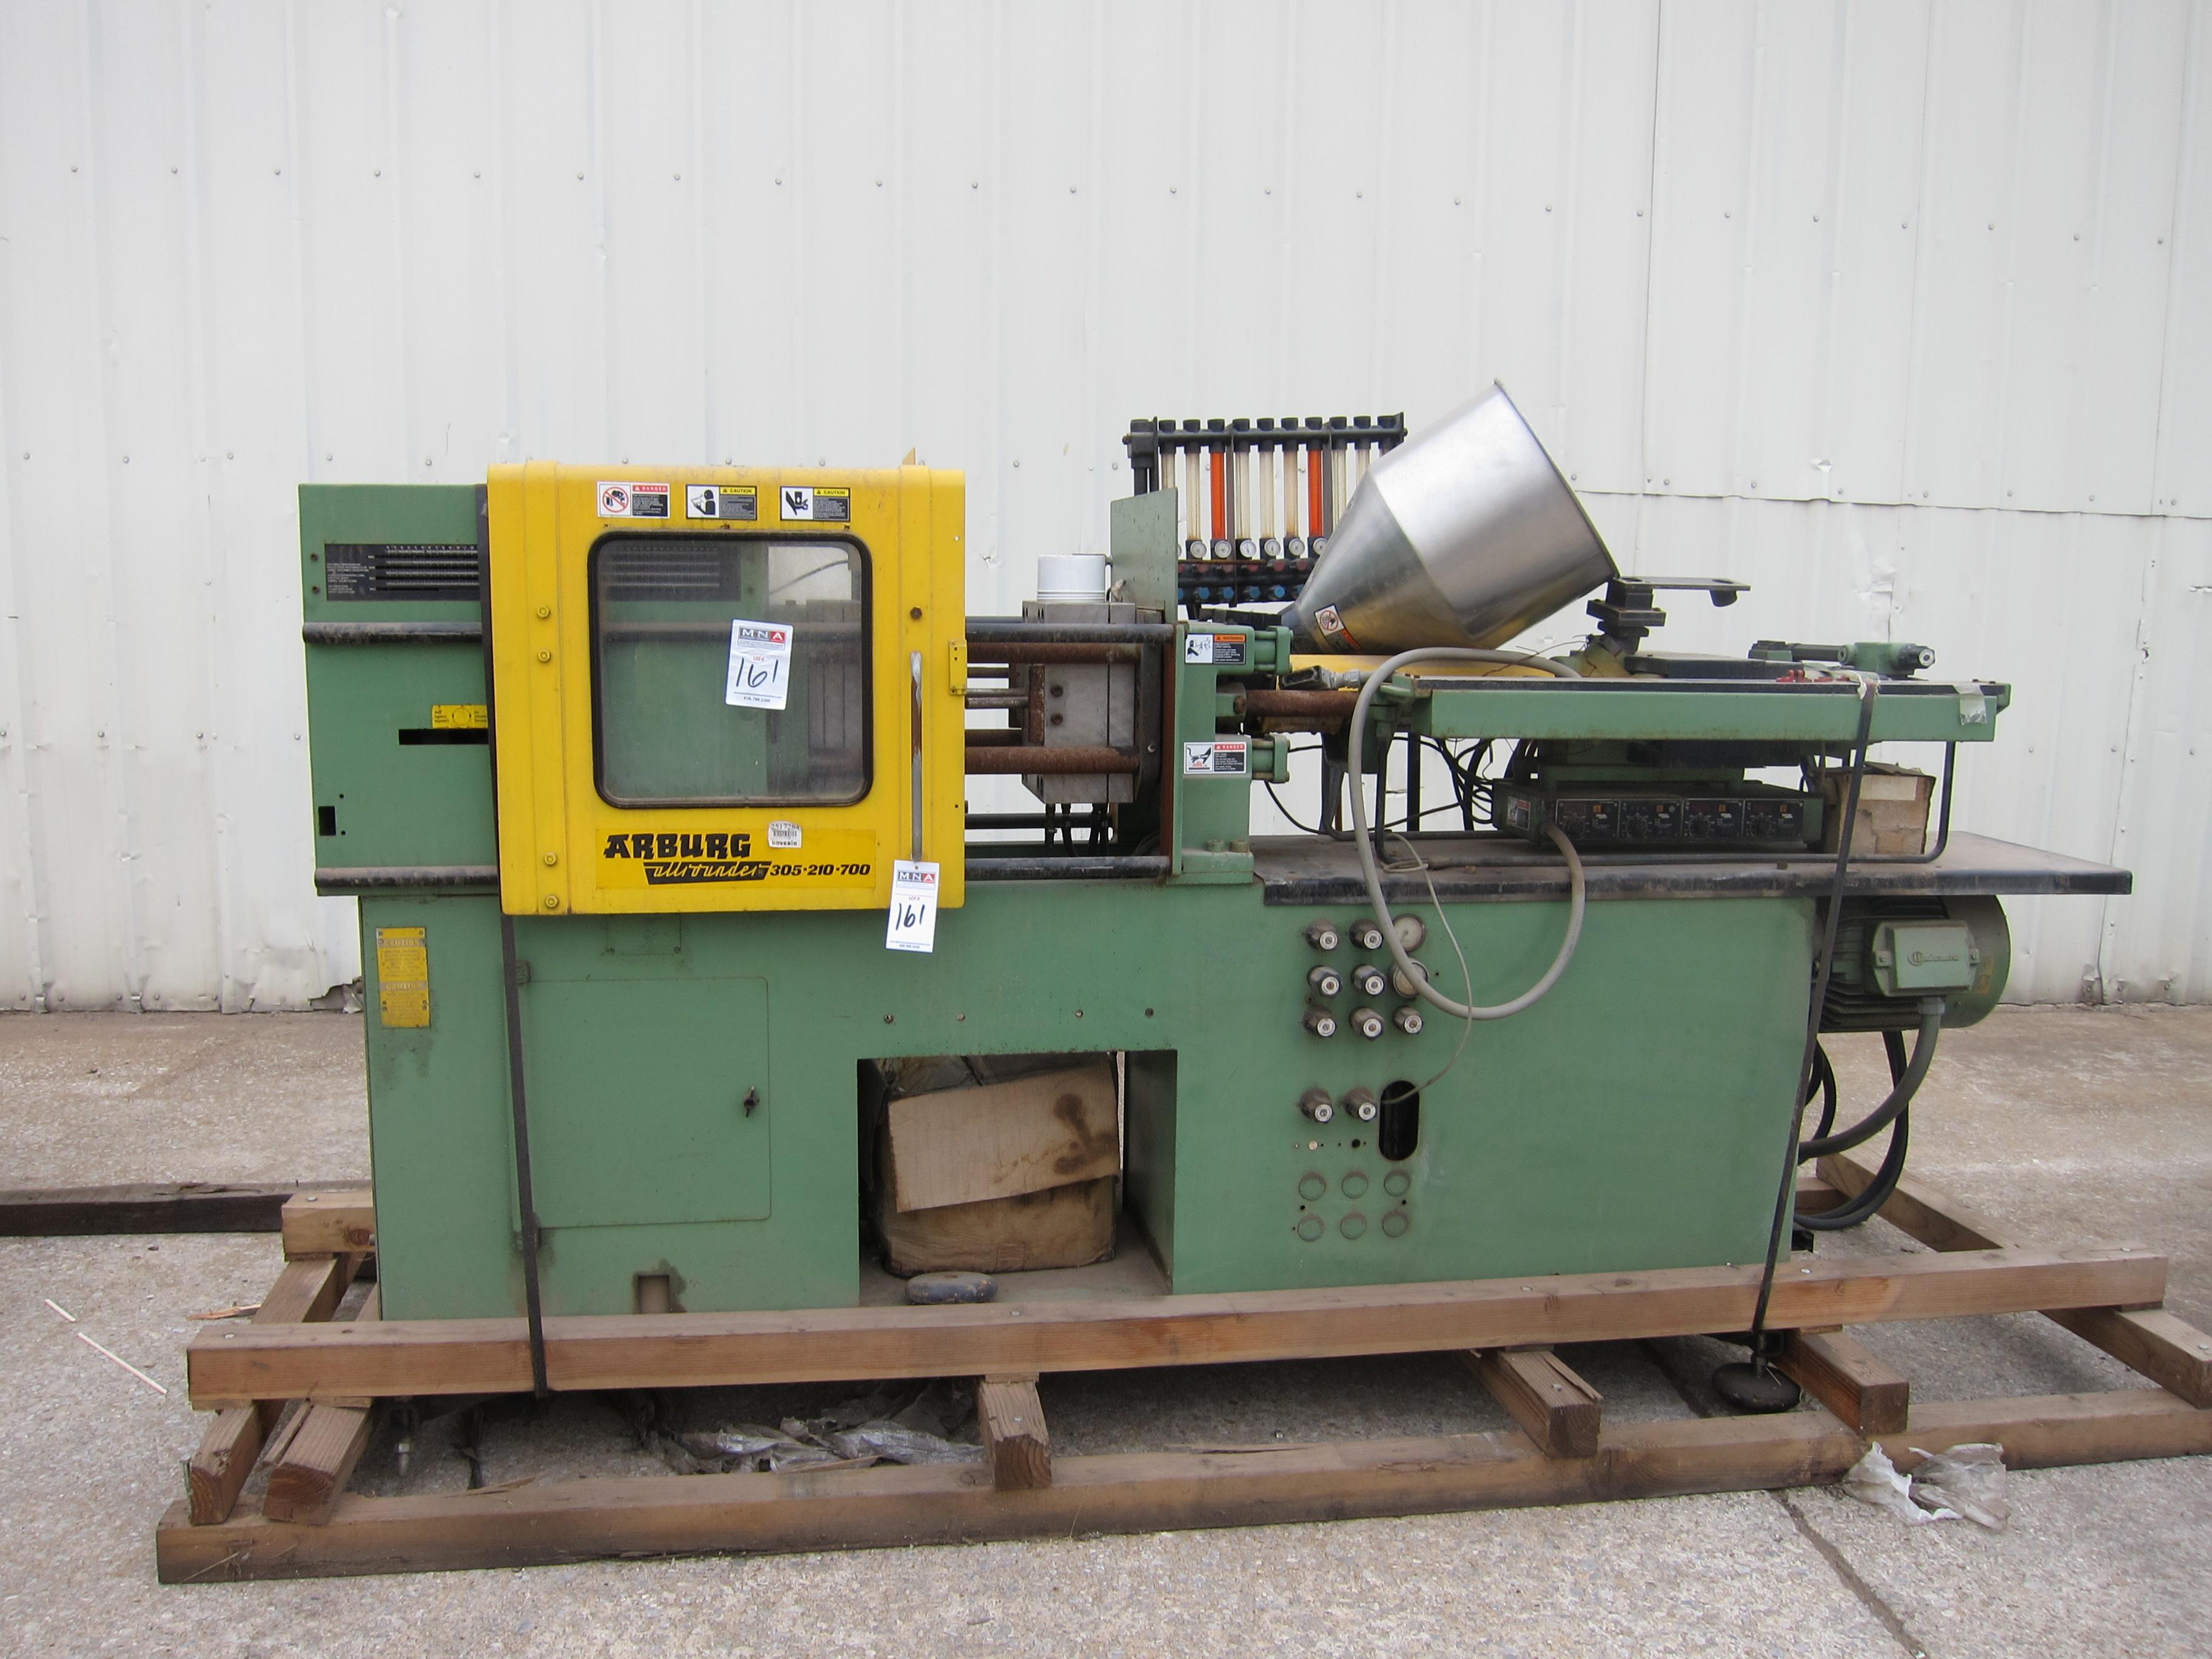 arburg allrounder 305 210 700 injection molding machine ref 161 rh bidspotter com Machine Molding Arburg Forinsert Injection Molding Machine Diagram